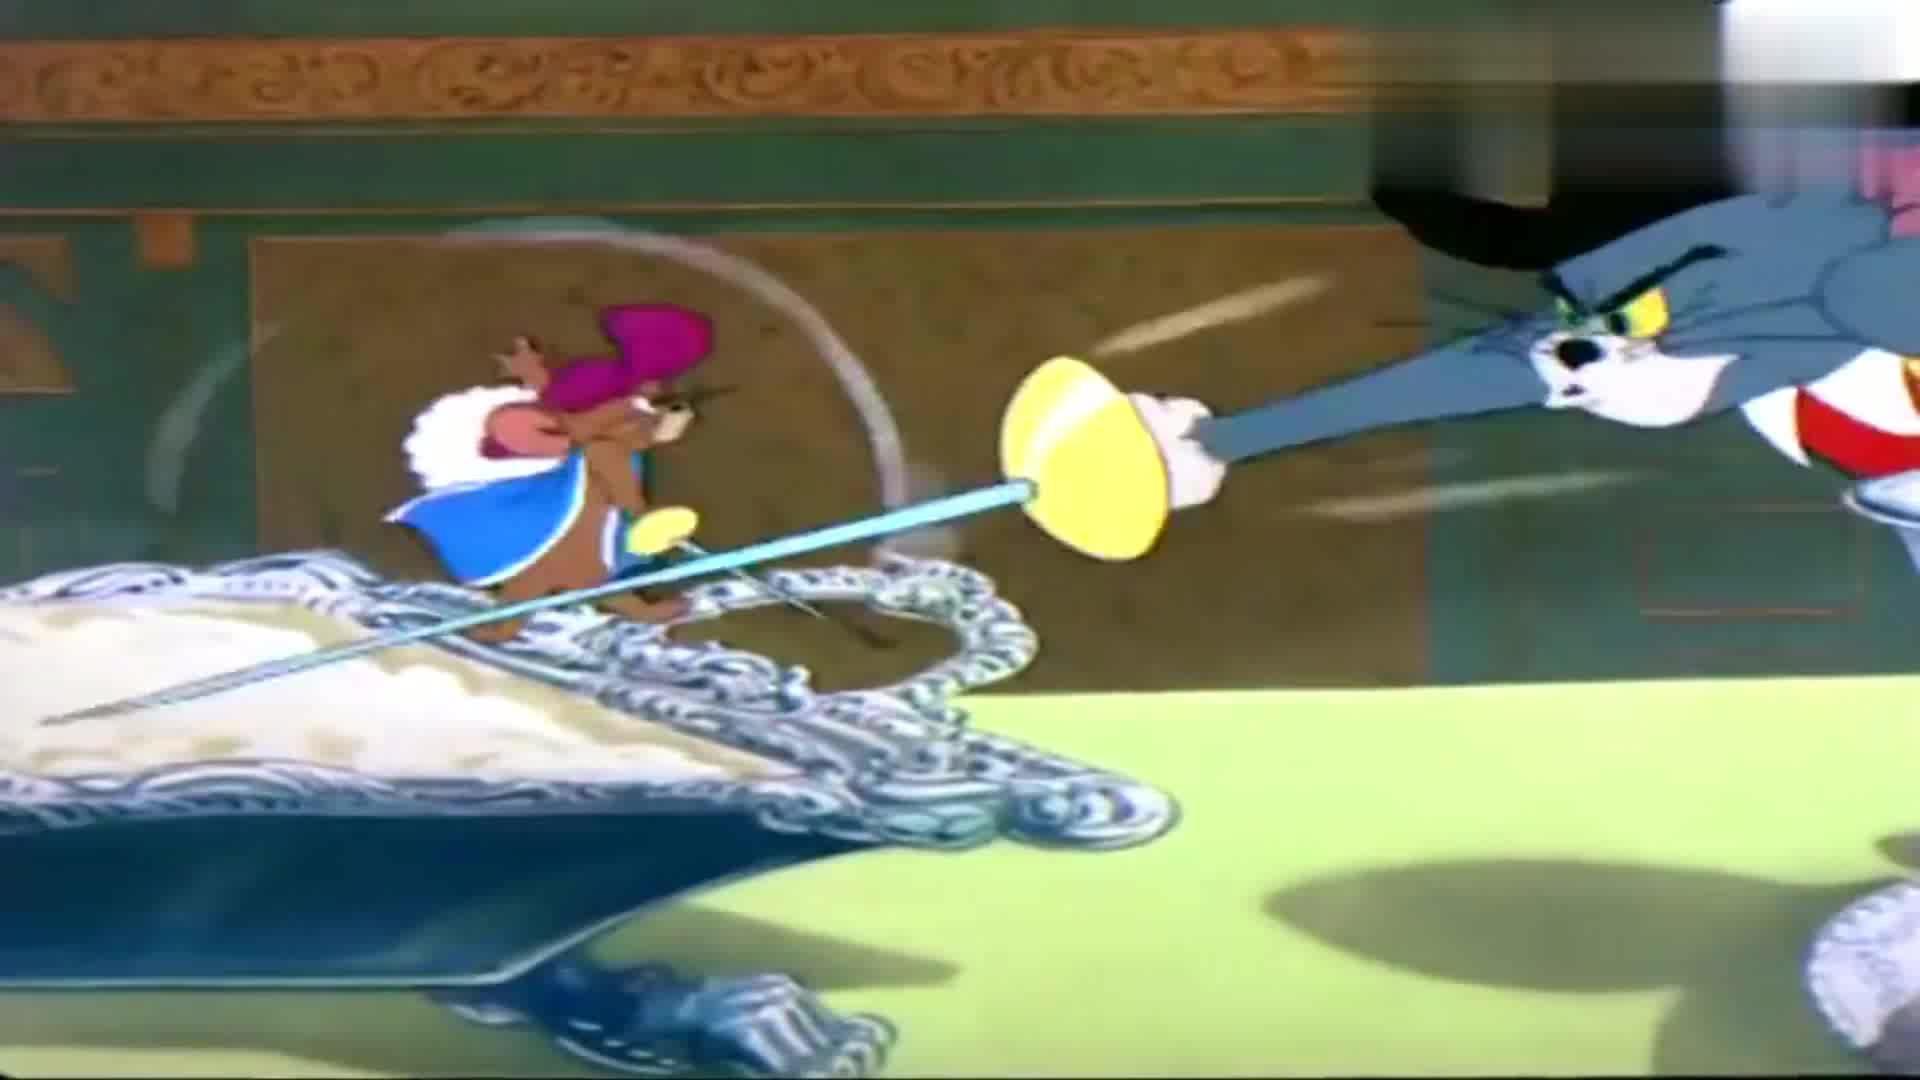 汤姆抓杰瑞同伴,被杰瑞用剑刺了,杰瑞挺厉害啊.